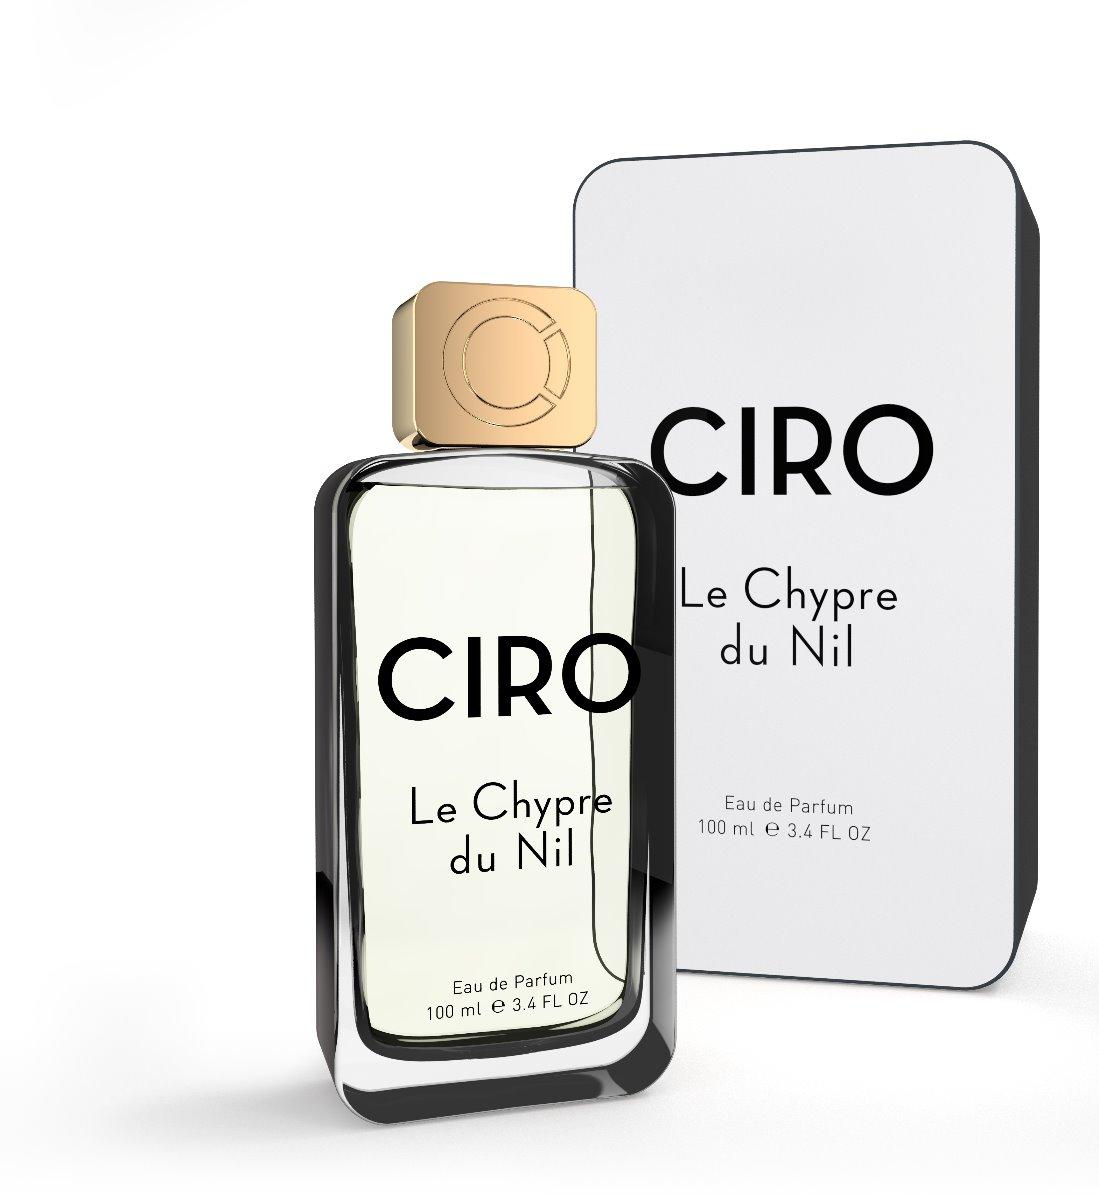 Ciro Parfums - Le Chypre du Nil - Eau de Parfum 100 ml